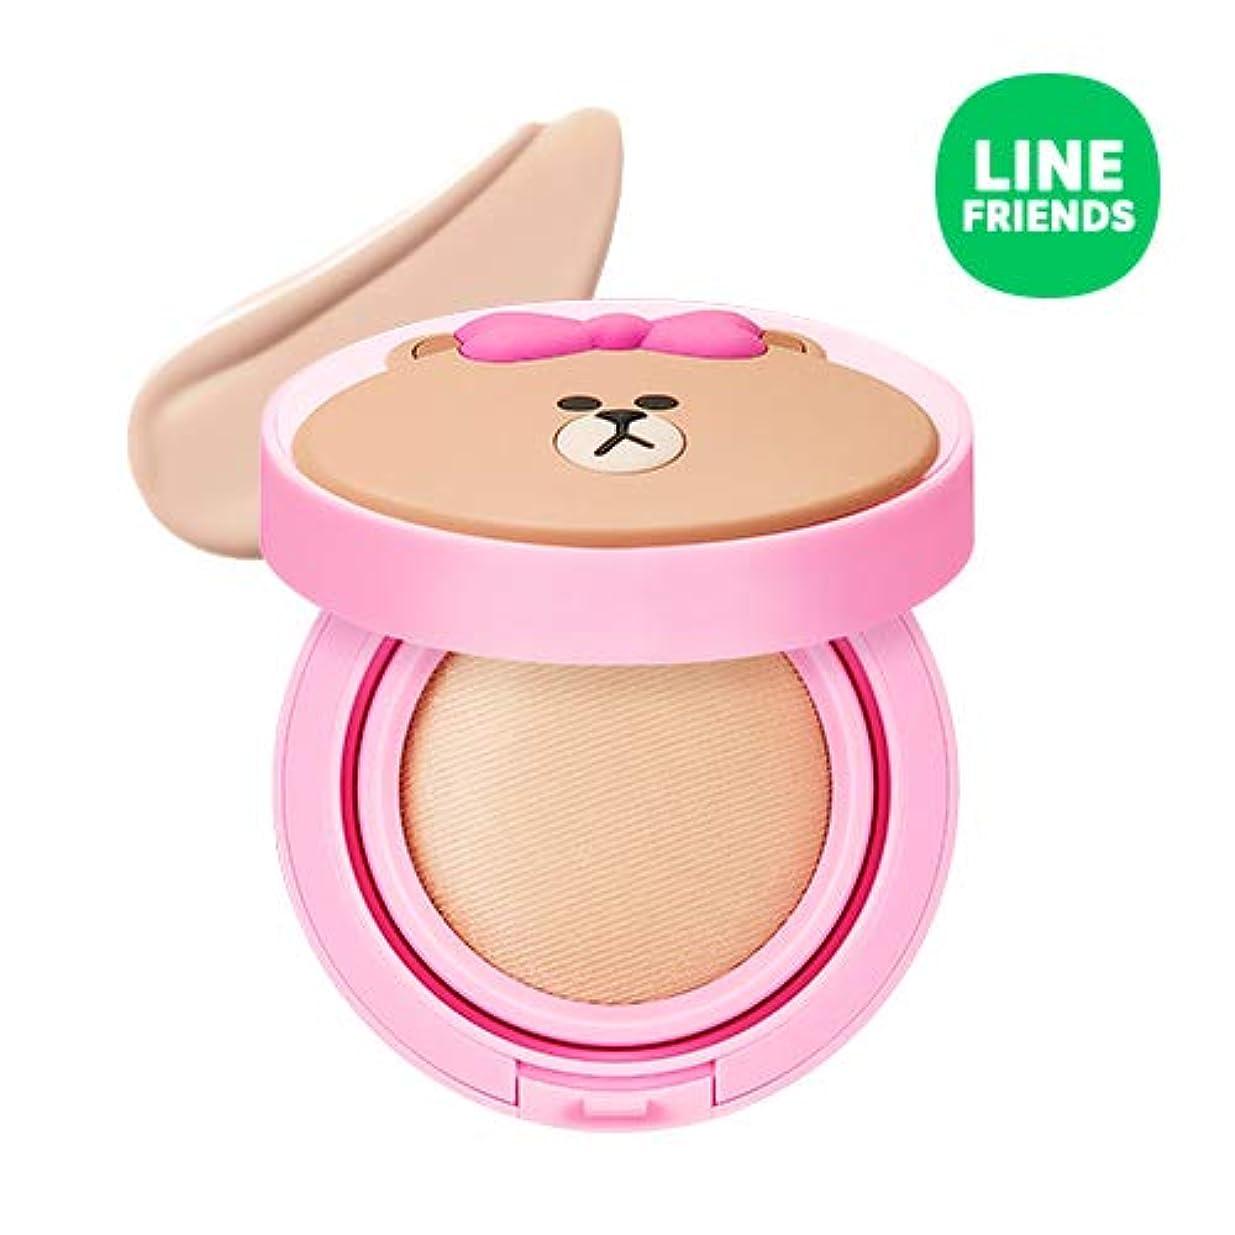 恥ずかしさメータードリンクミシャ(ラインフレンズ)グローテンション15g / MISSHA [Line Friends Edition] Glow Tension SPF50 PA+++ #Fair(Pink tone No.21) [並行輸入品]